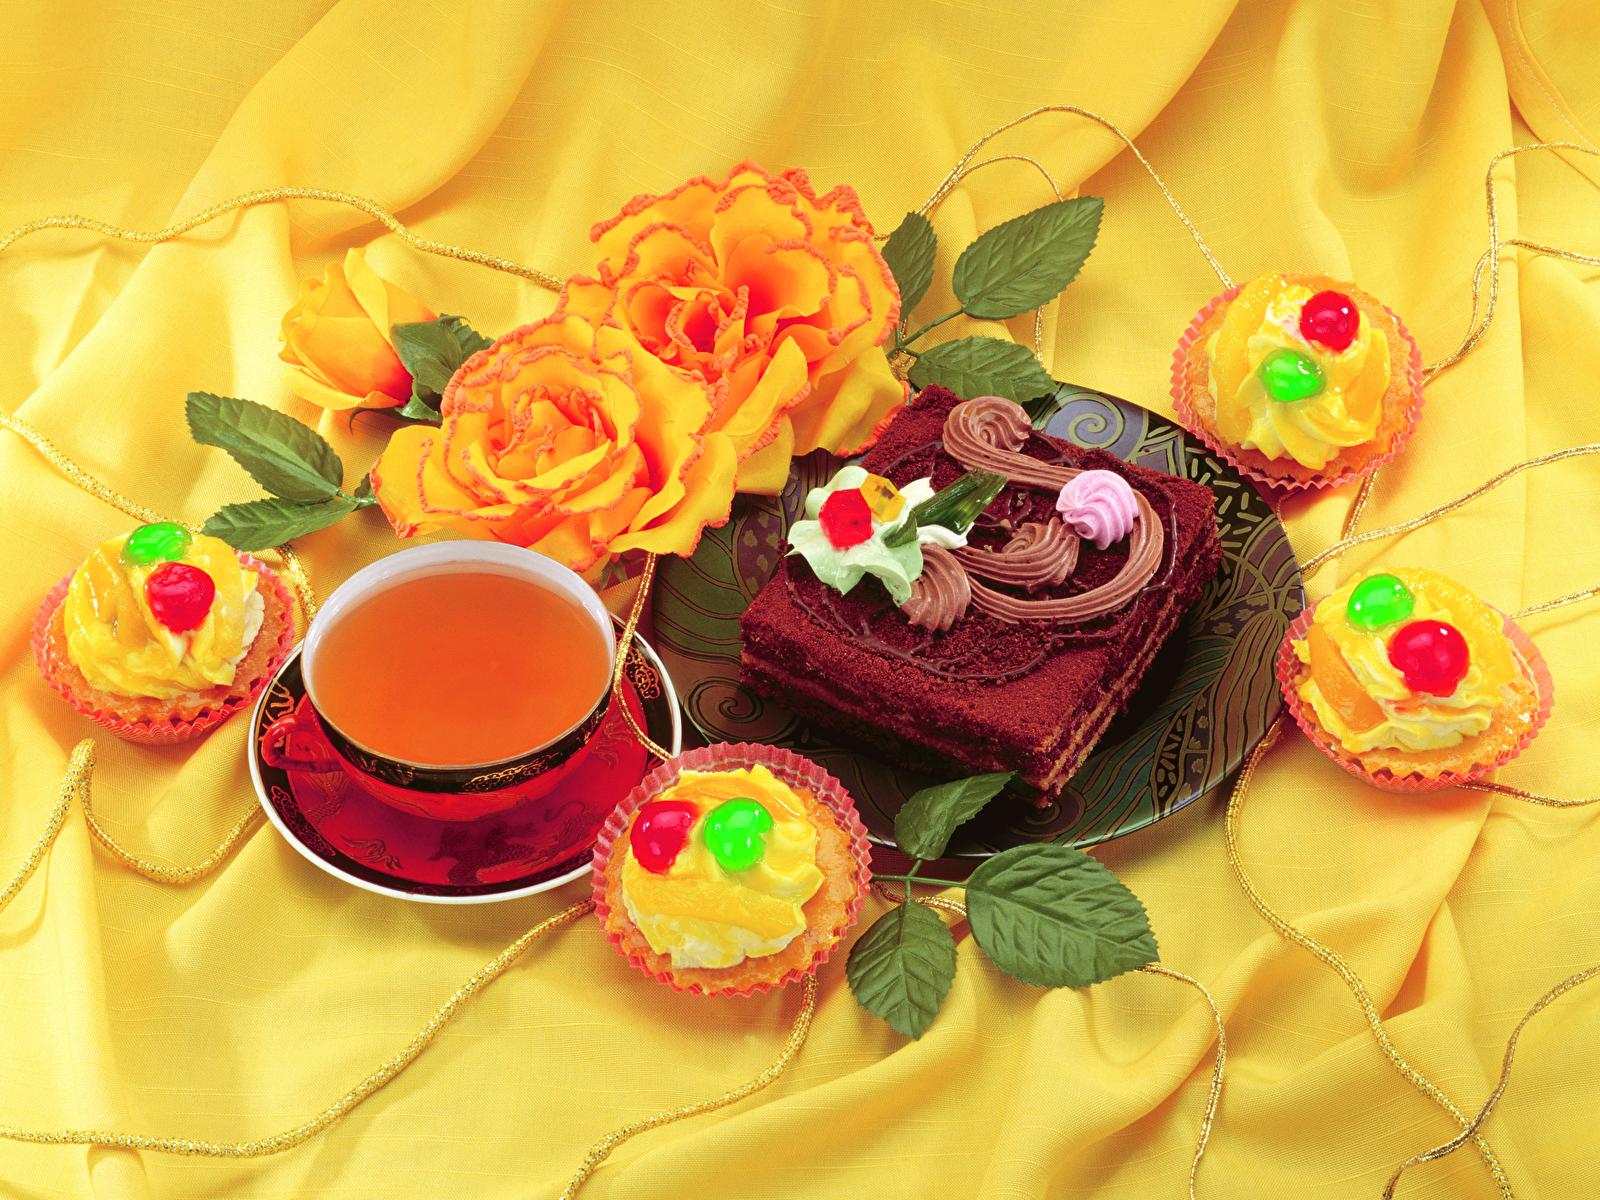 Фотографии Чай Торты Пирожное Еда Чашка Розы Натюрморт 1600x1200 Пища чашке Продукты питания роза